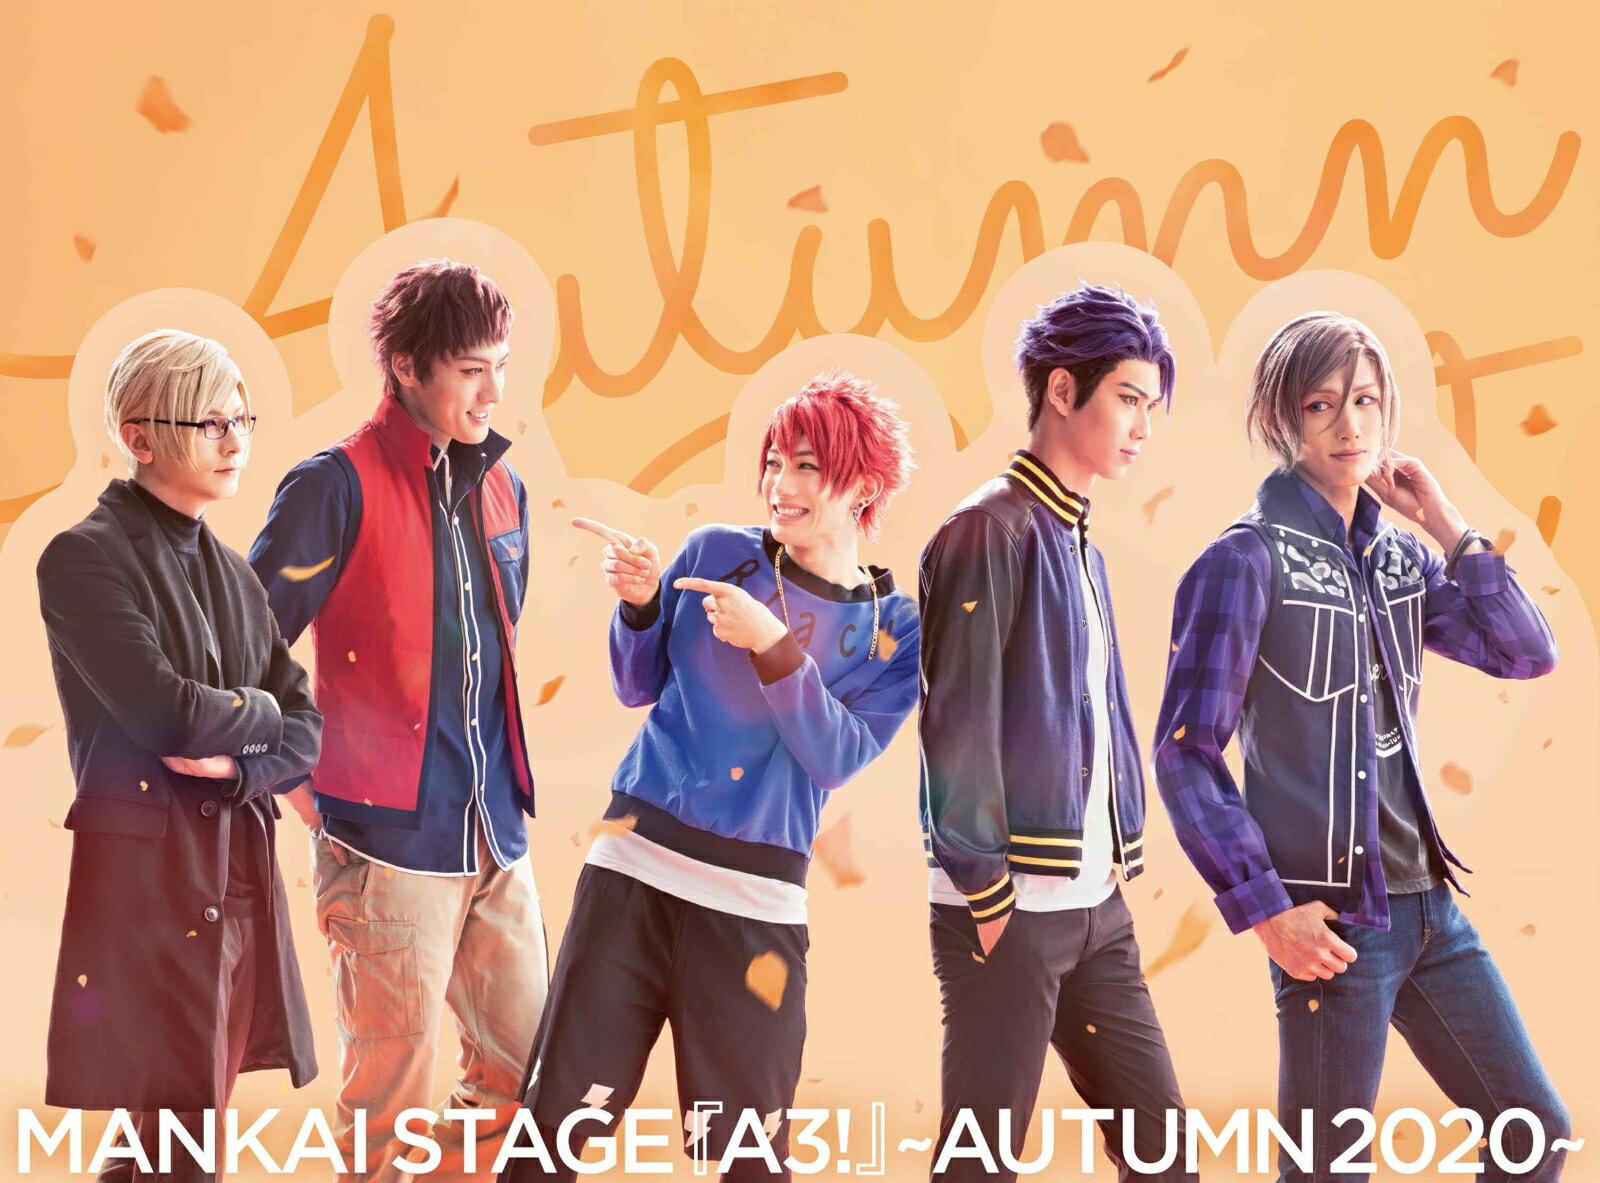 MANKAI STAGE『A3!』~AUTUMN 2020~【DVD】 [ 中村太郎 ]画像